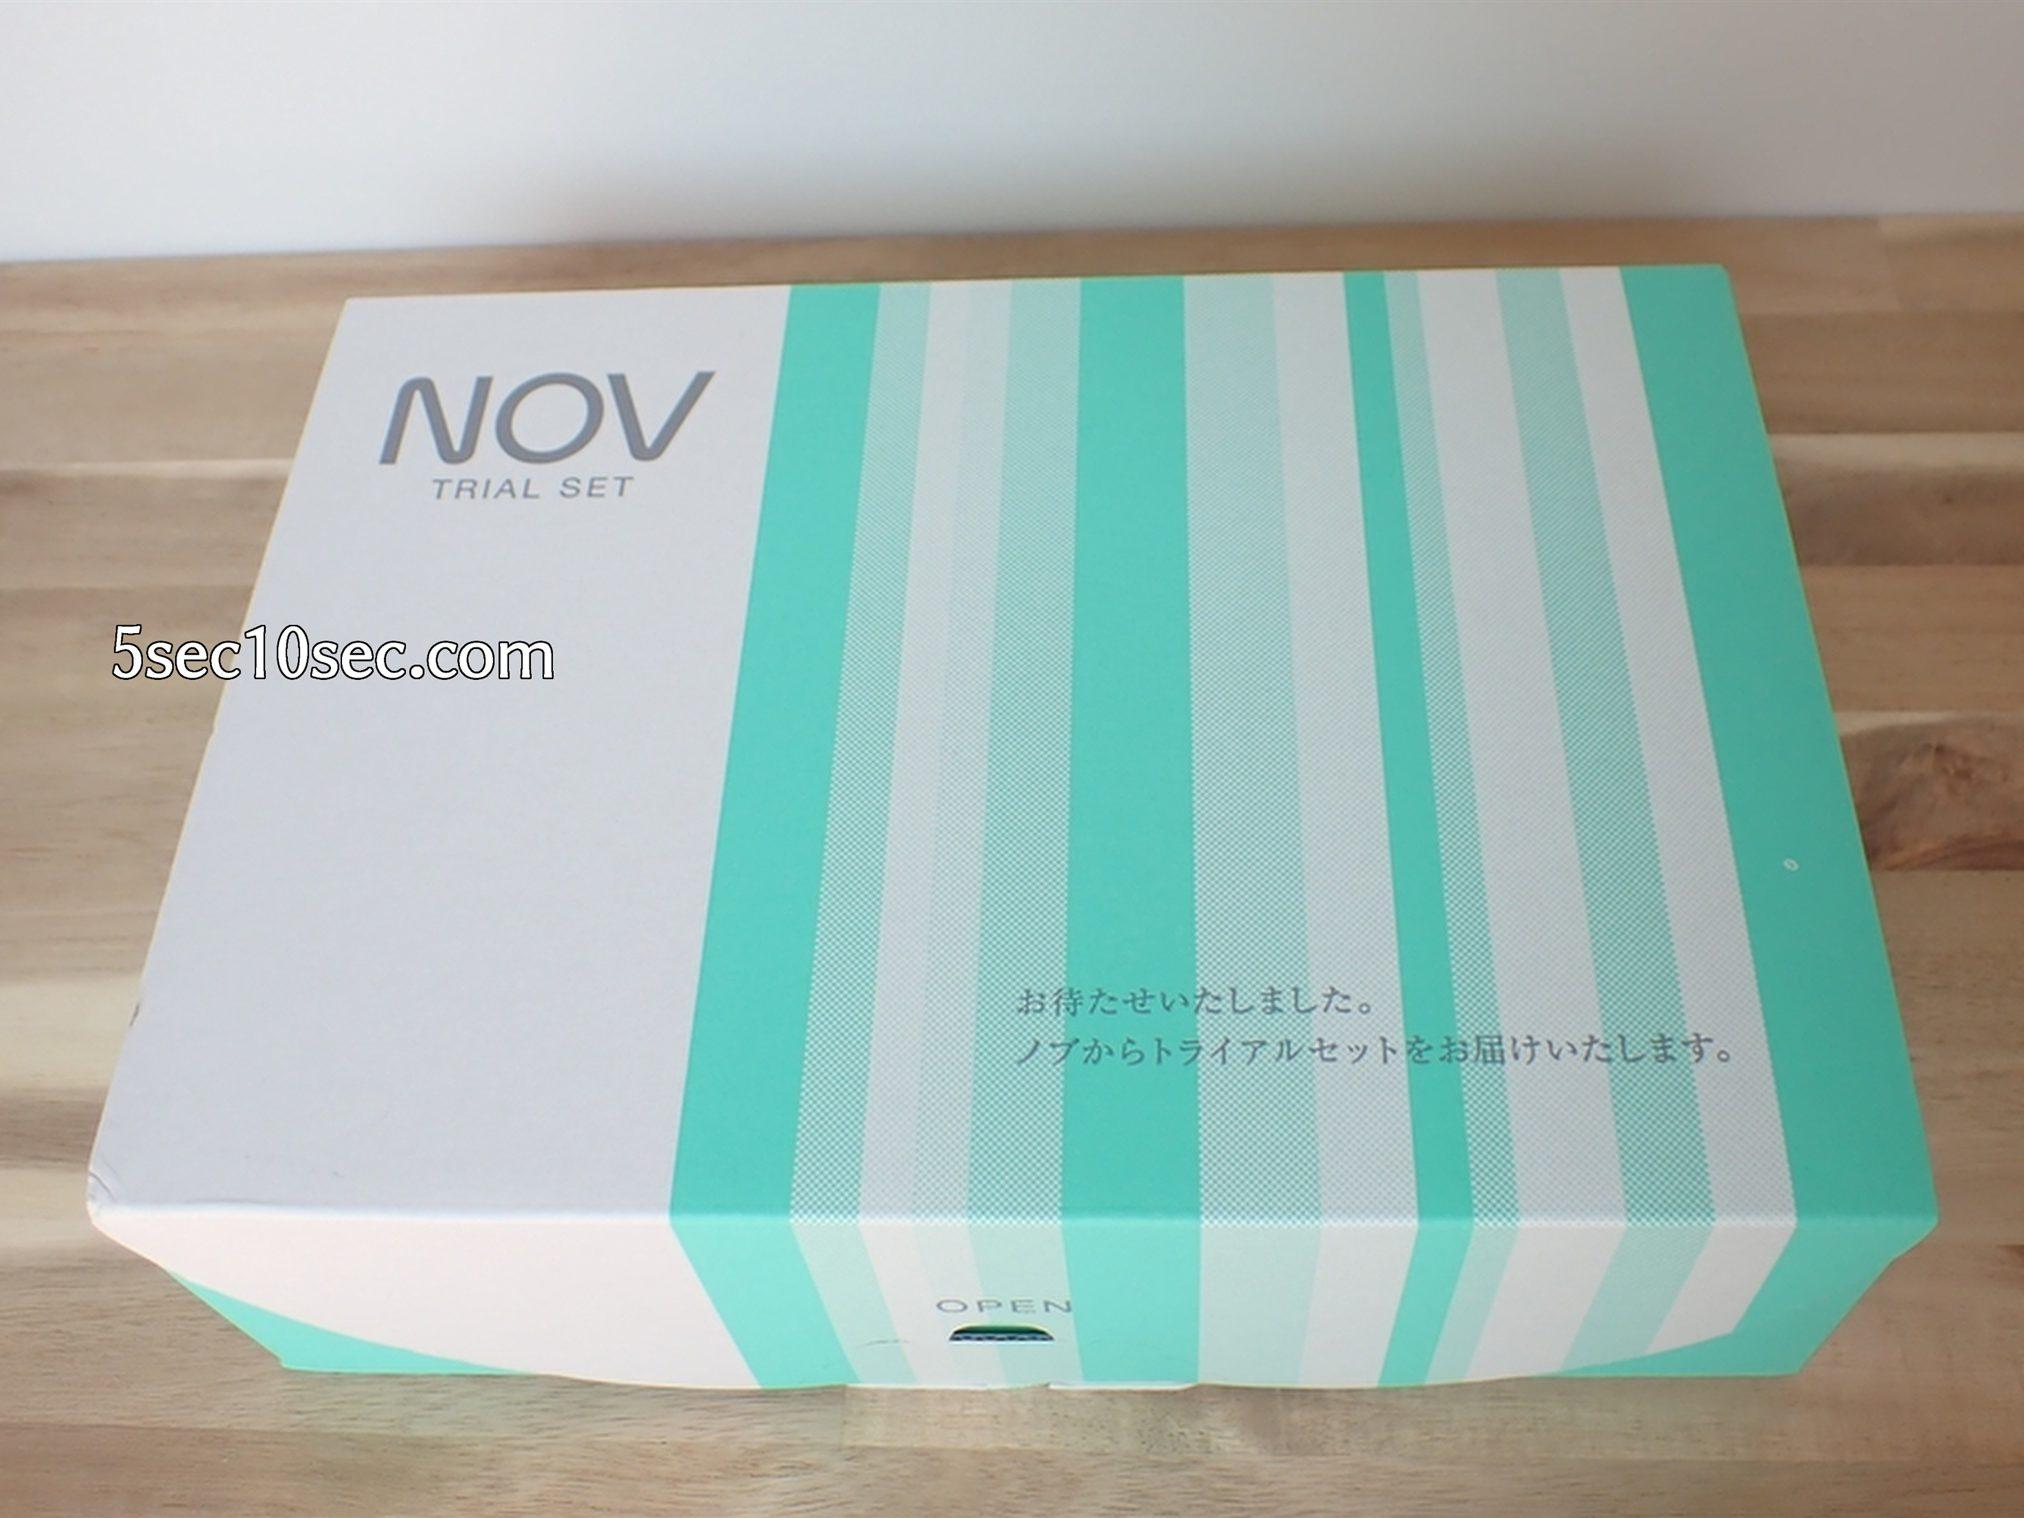 常盤薬品工業株式会社 ノブL&W トライアルセット 梱包の写真 このように箱に入って届きます